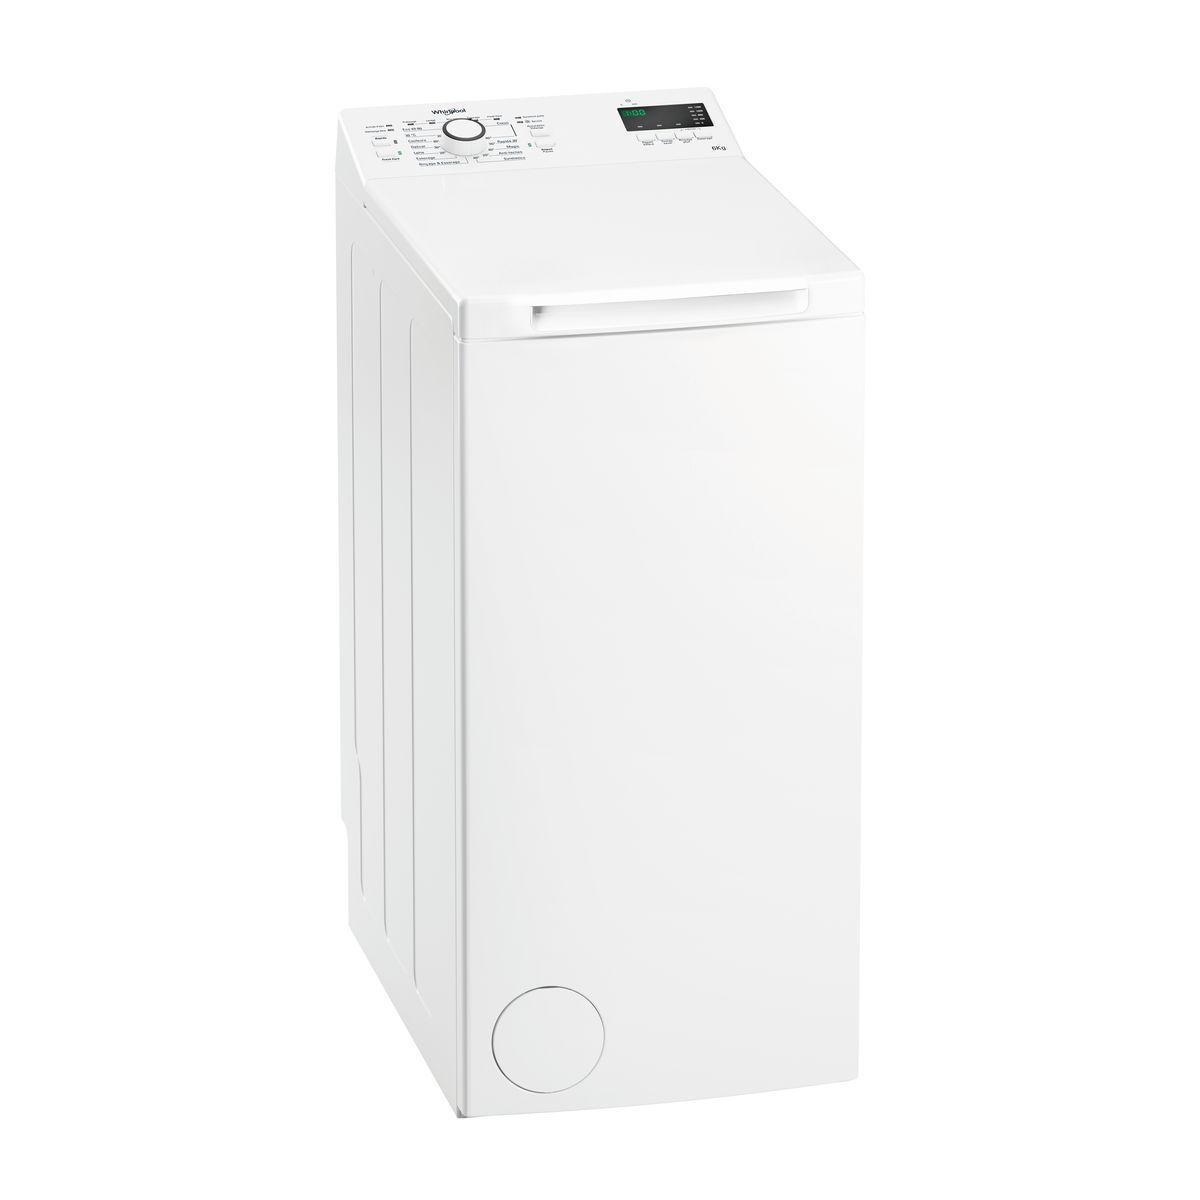 Lave linge top TDLR6237 FR/N, 6 kg, 1200 T/min